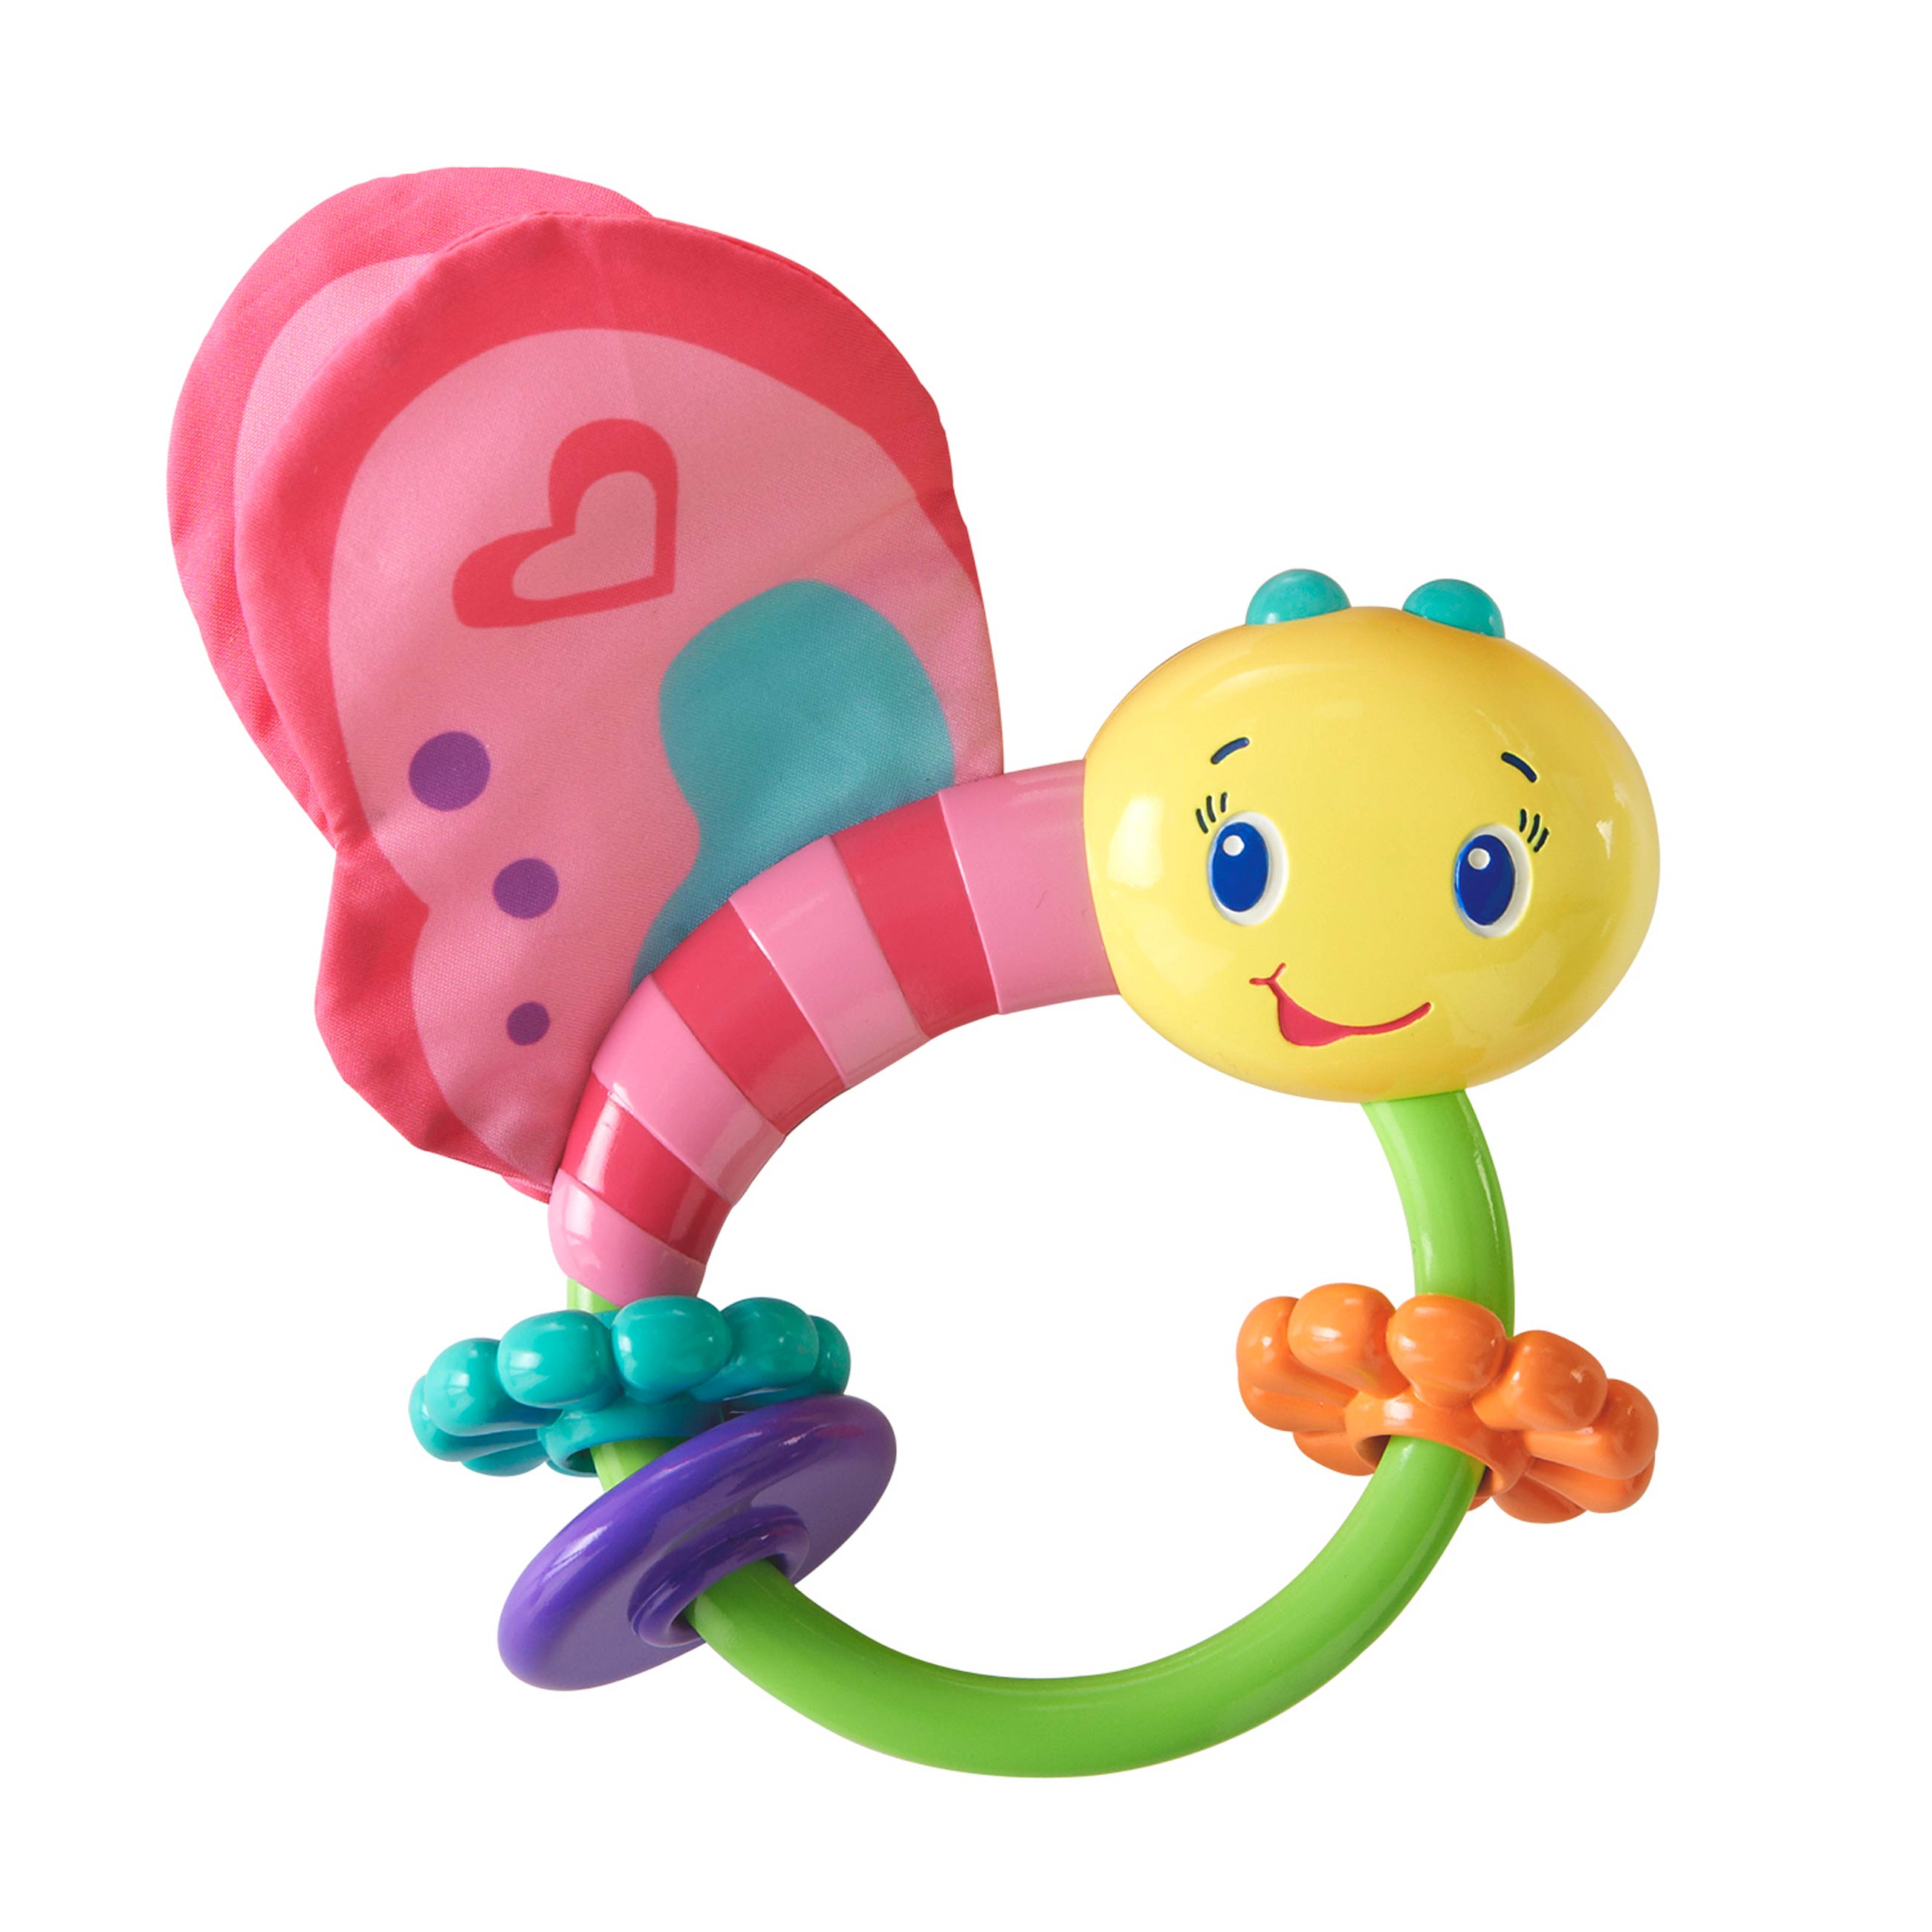 Купить Развивающая игрушка-погремушка «Розовая бабочка», Bright Starts